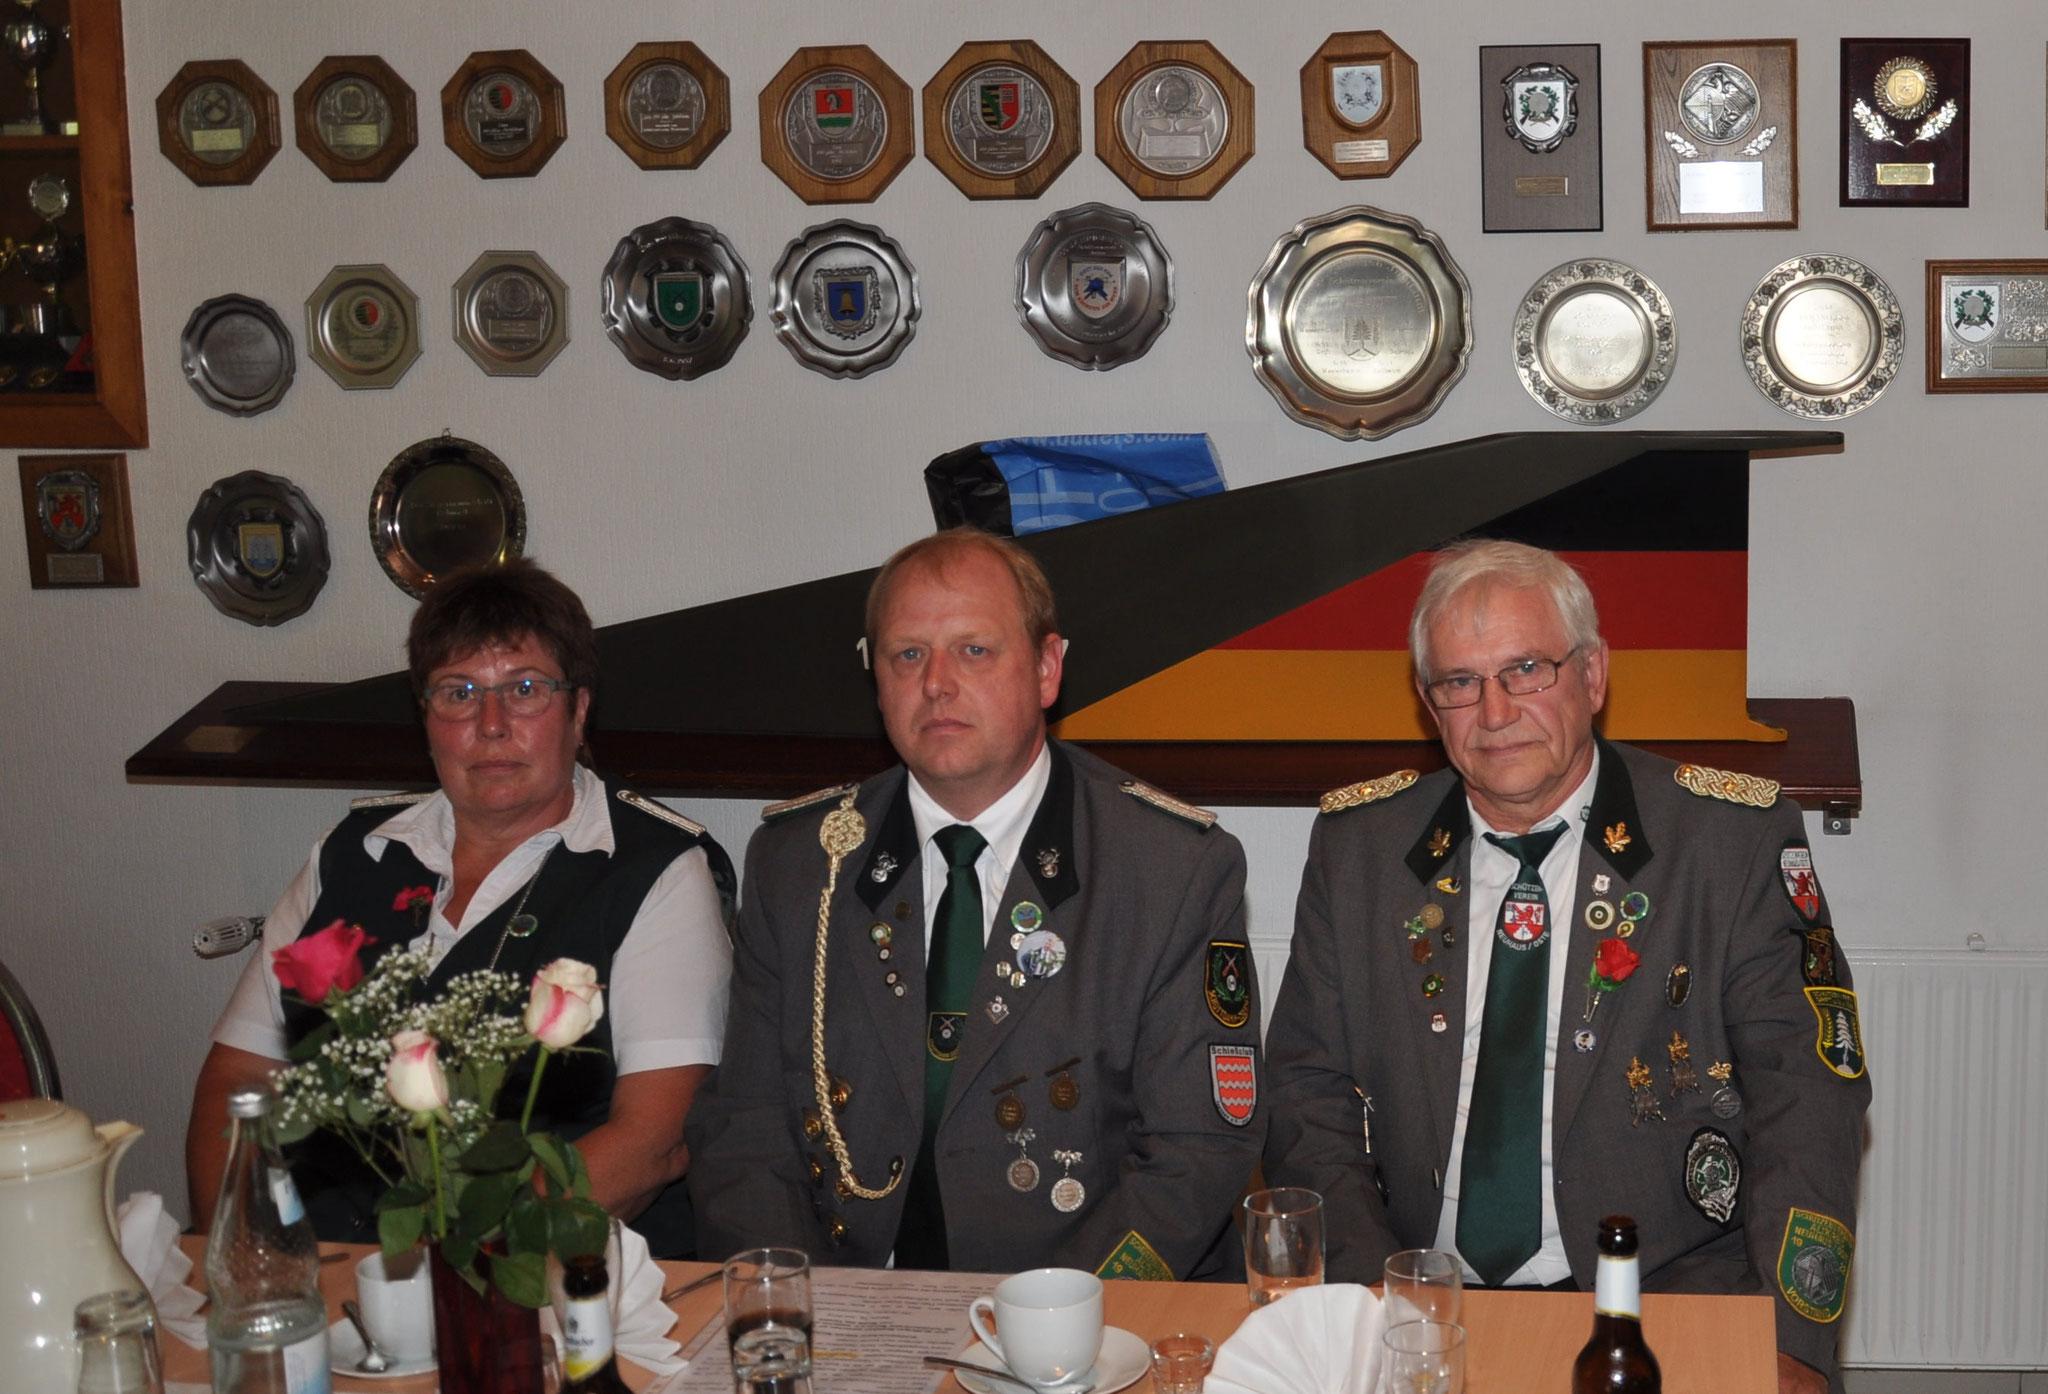 Die Abordnung vom Schützenverband Altkreis Neuhaus-Oste e.V.